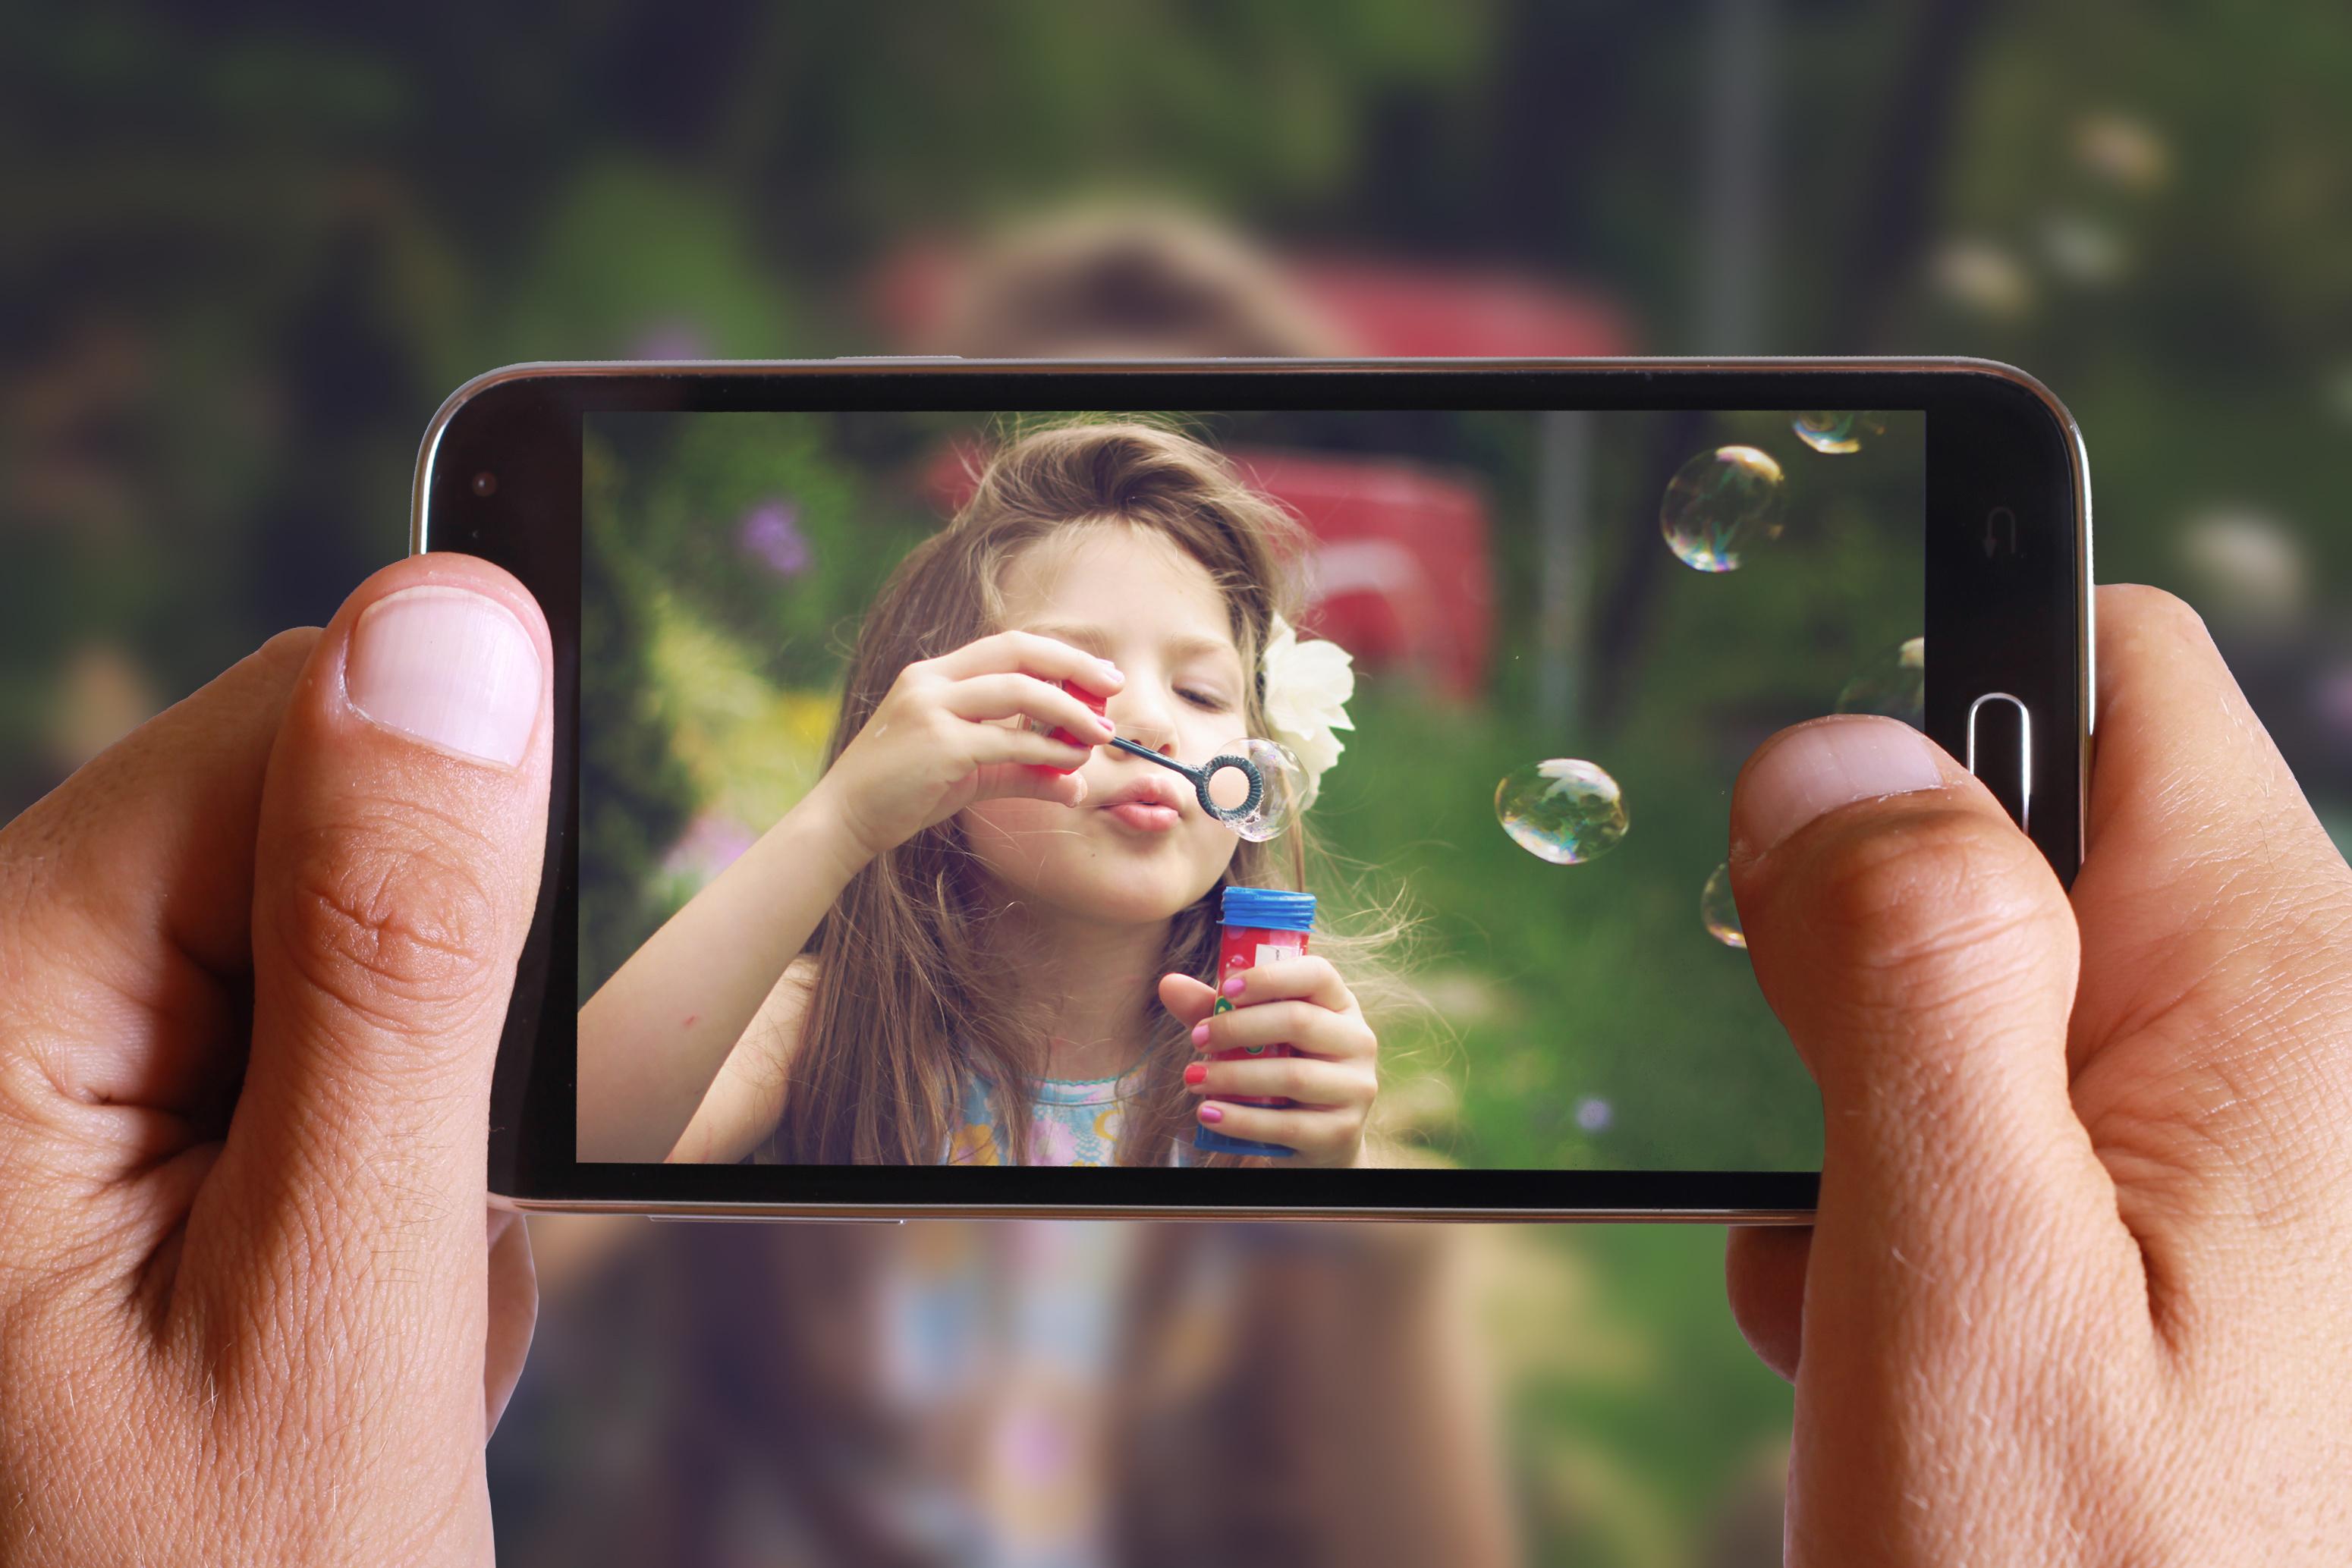 картинка с монитора в смартфоне говорит, что топоним